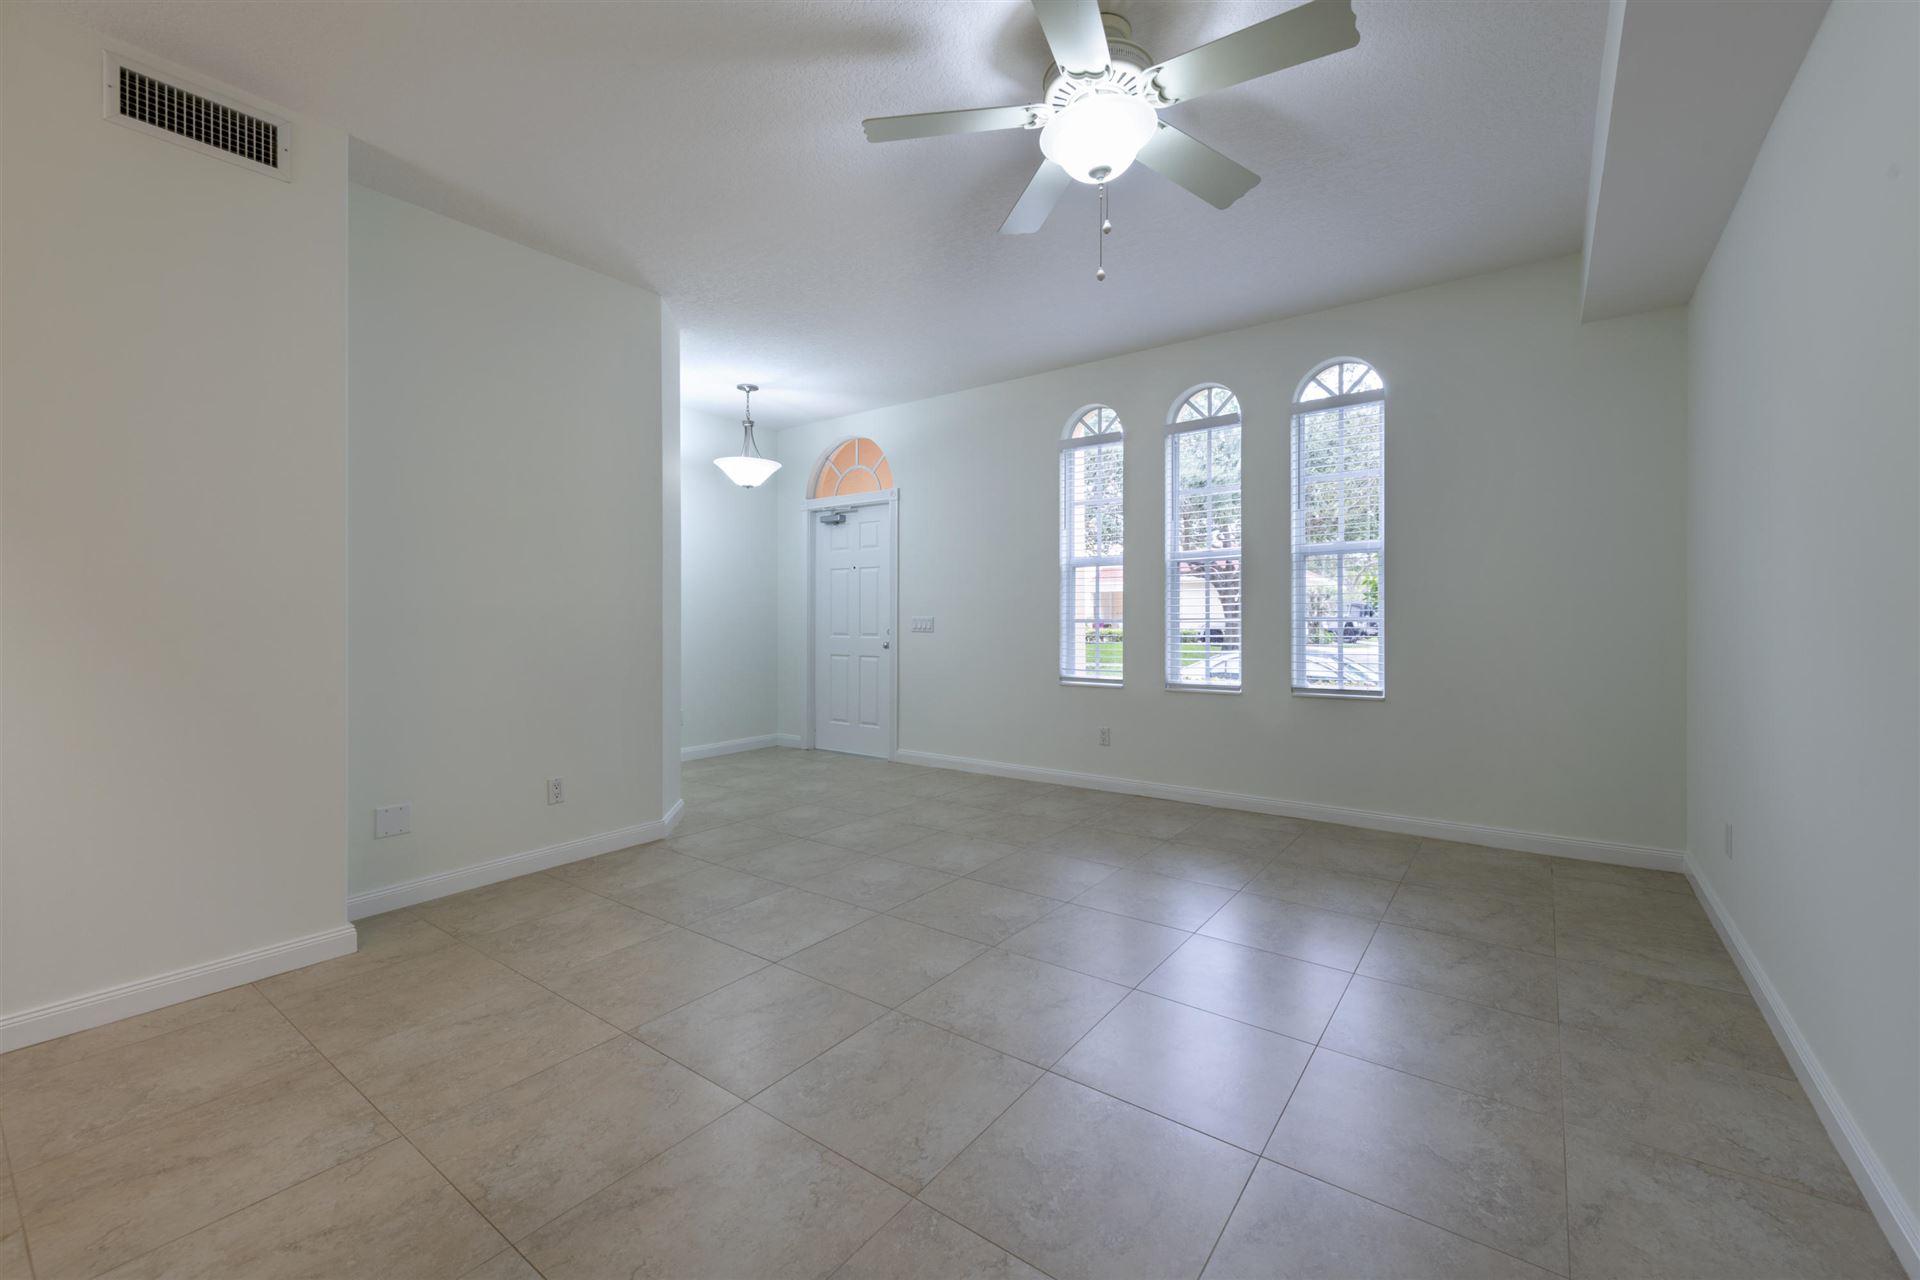 Photo of 164 Milbridge Drive, Jupiter, FL 33458 (MLS # RX-10679524)